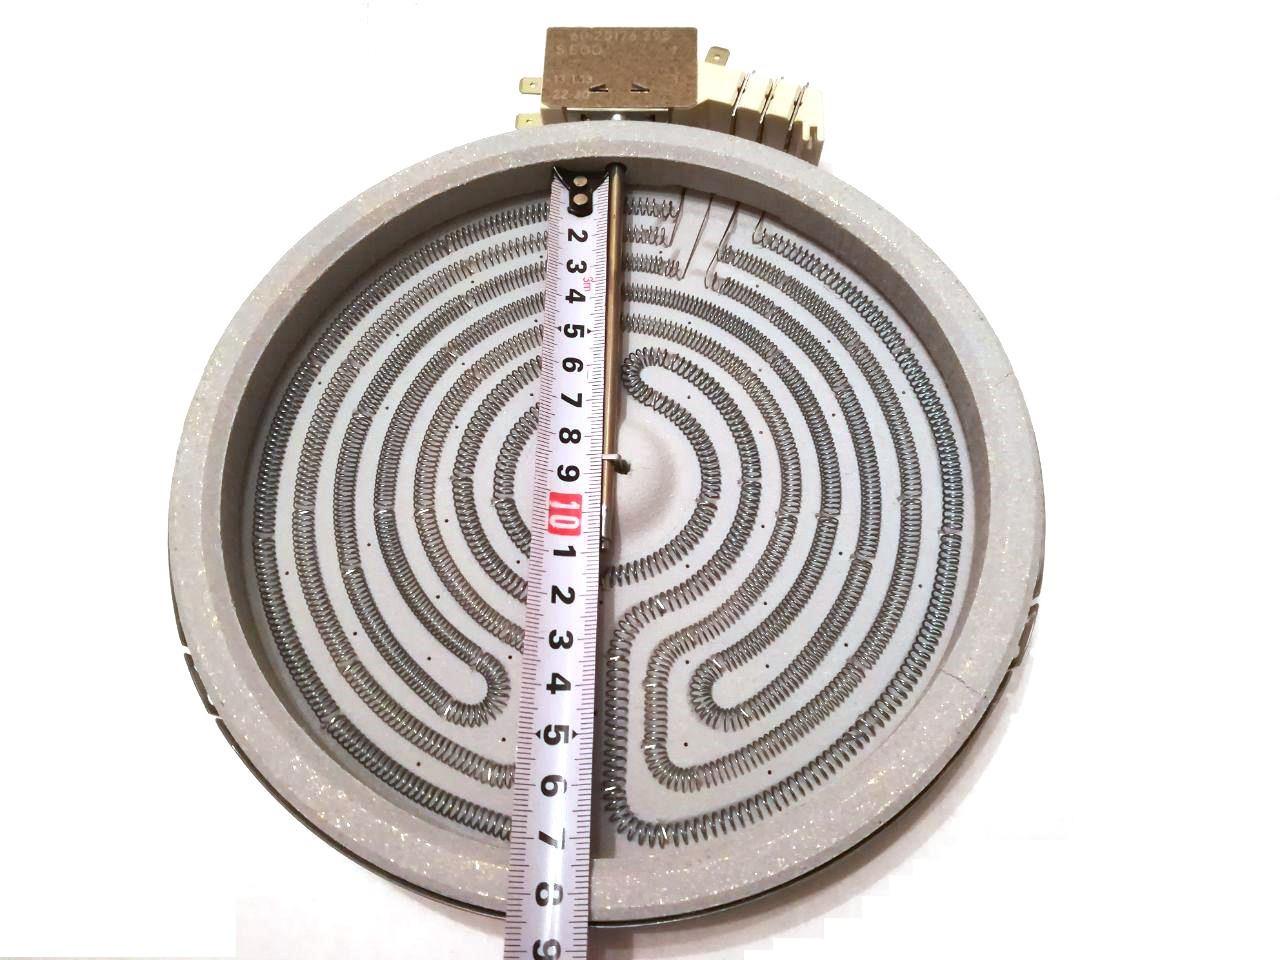 Конфорка для стеклокерамики керамические EGO ø180мм / 1700W / 230V / Германия